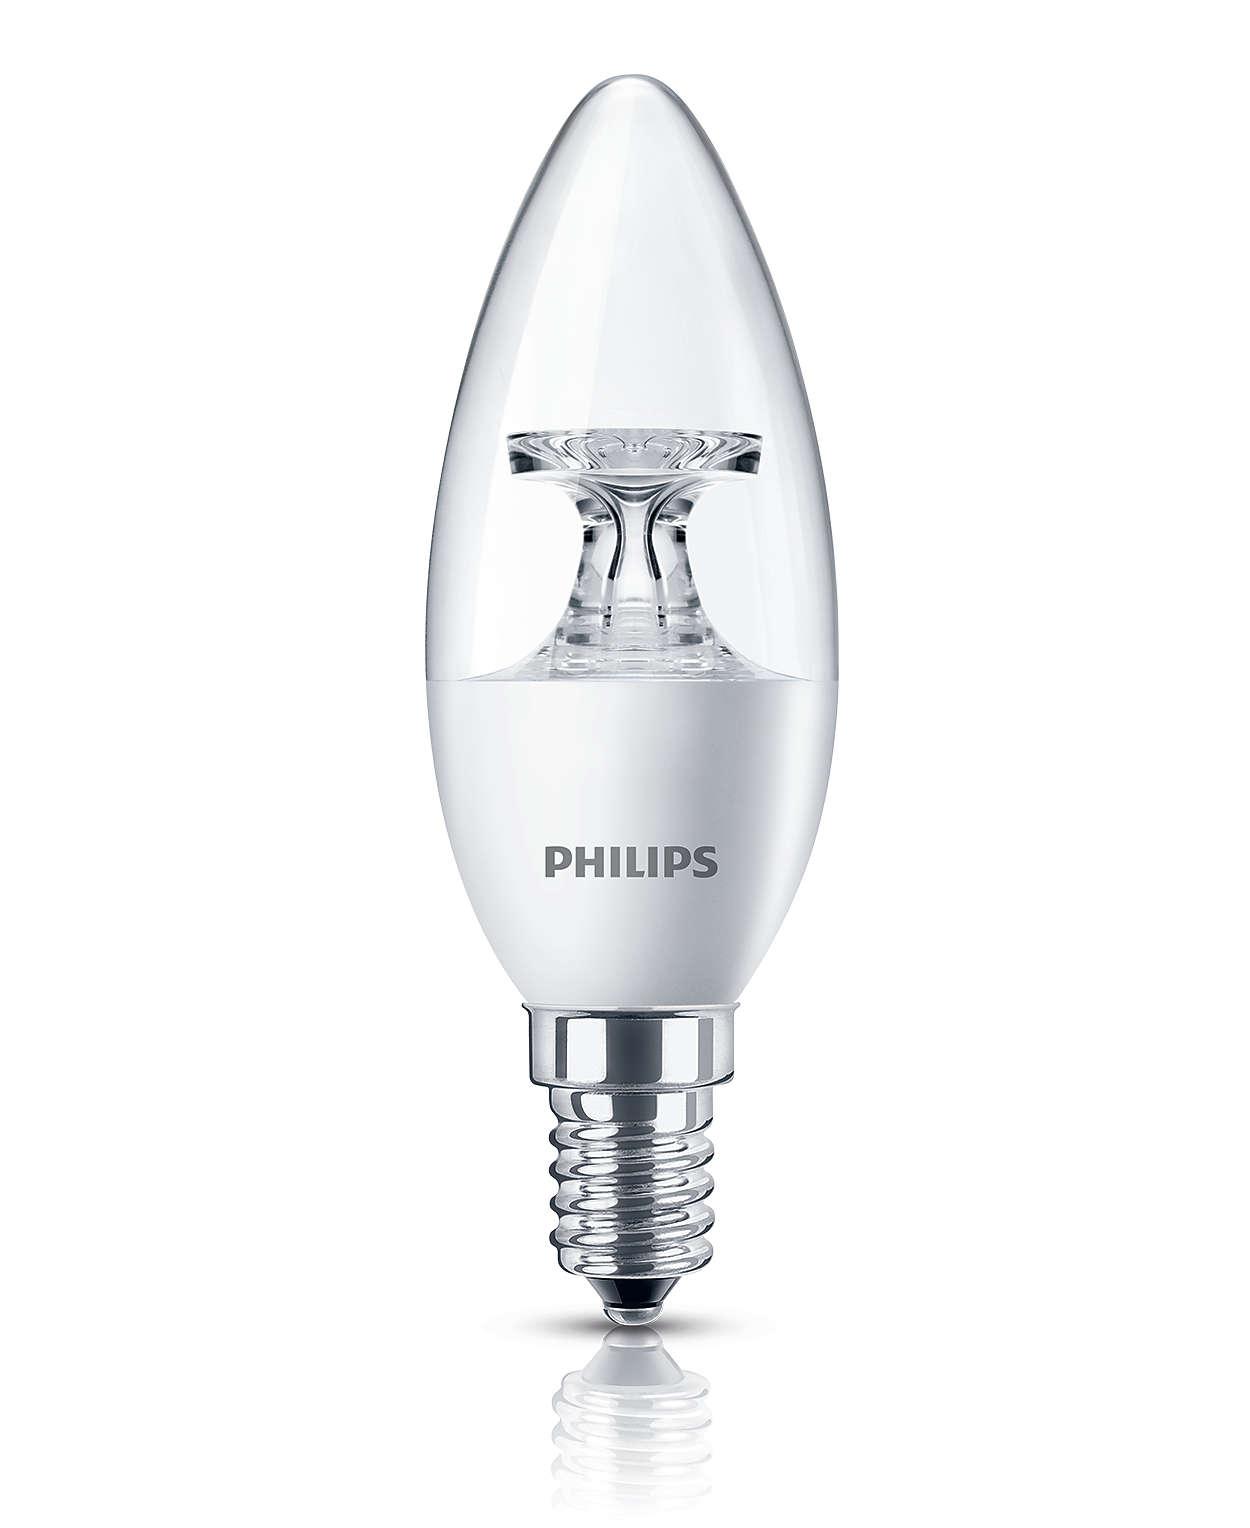 แสงเทียน LED คมชัดเจิดจ้า เพิ่มความสะดวกสบายให้แก่บ้านของคุณ